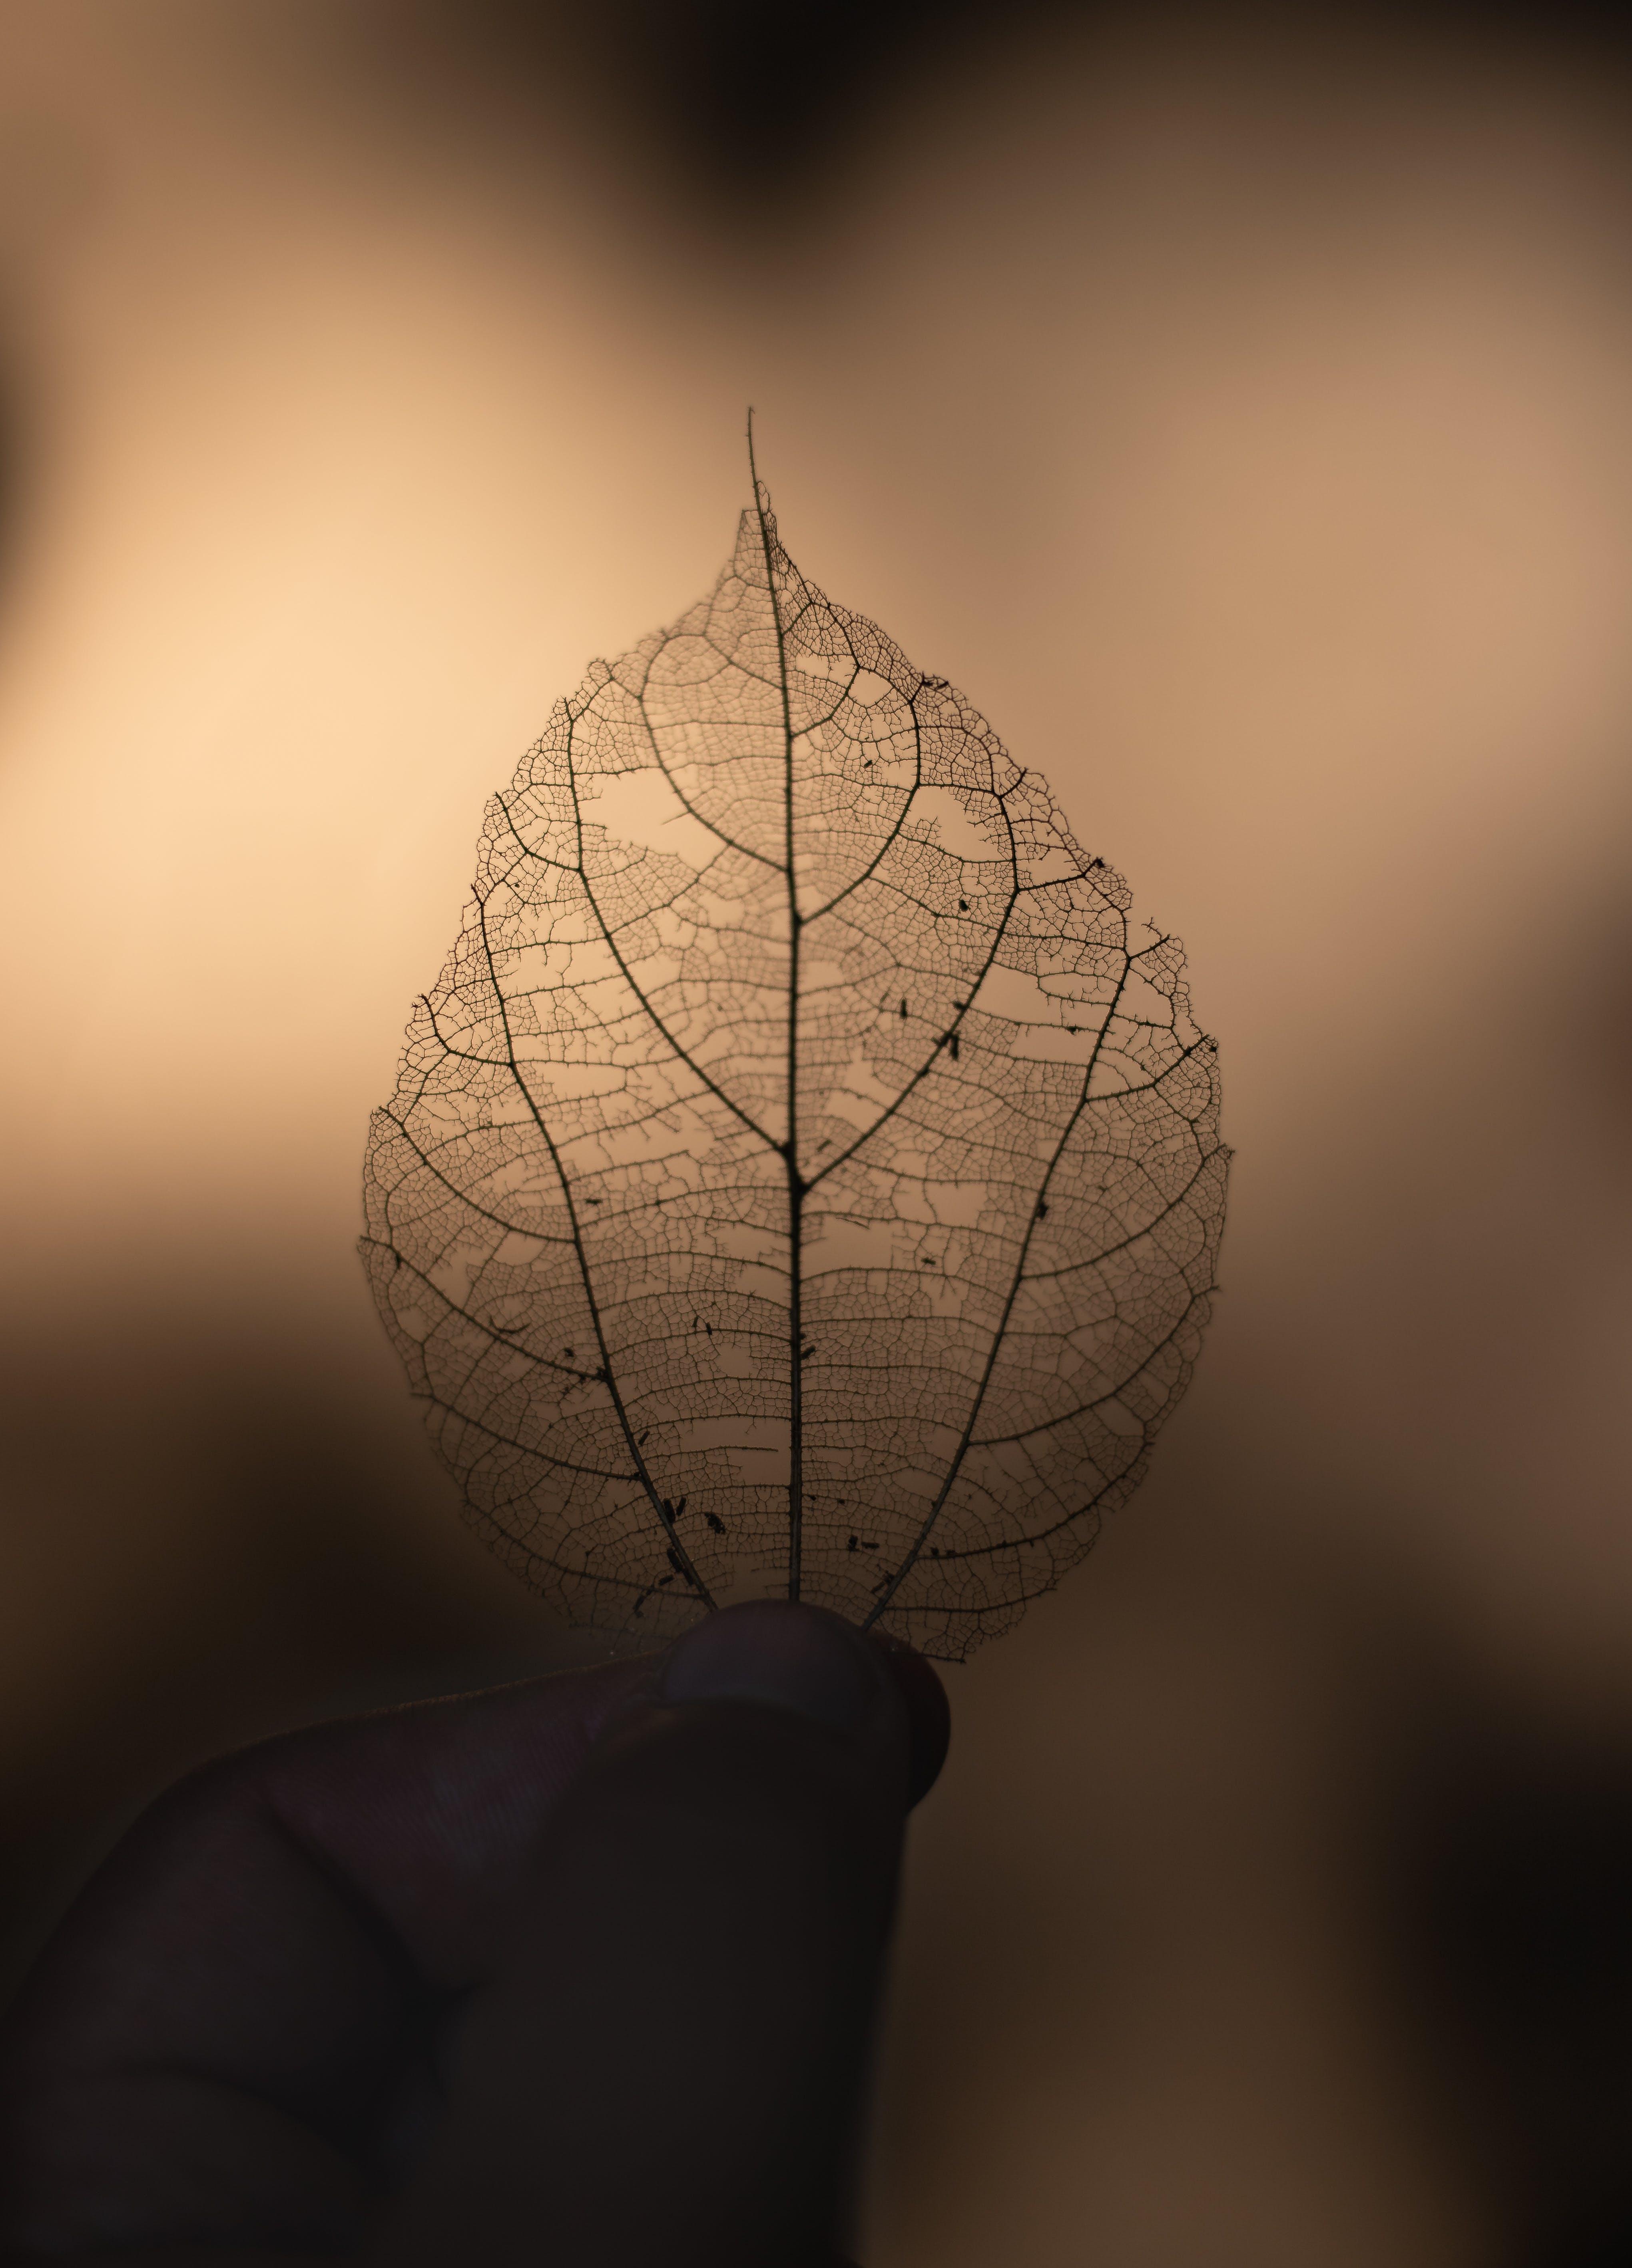 シルエット, バックライト付き, マクロ, 葉の無料の写真素材